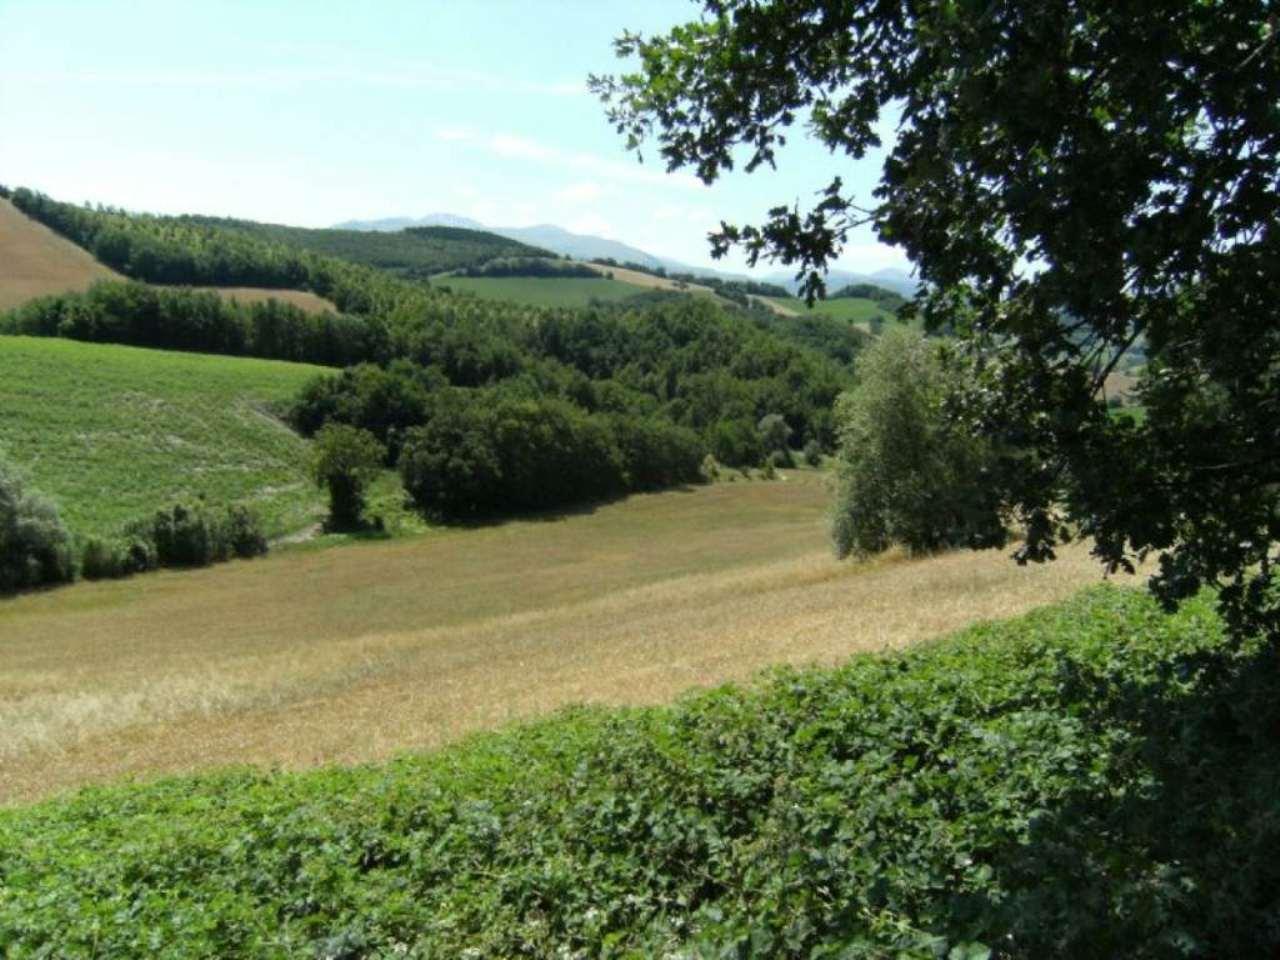 Terreno Agricolo in vendita a Camerino, 9999 locali, prezzo € 700.000 | Cambio Casa.it